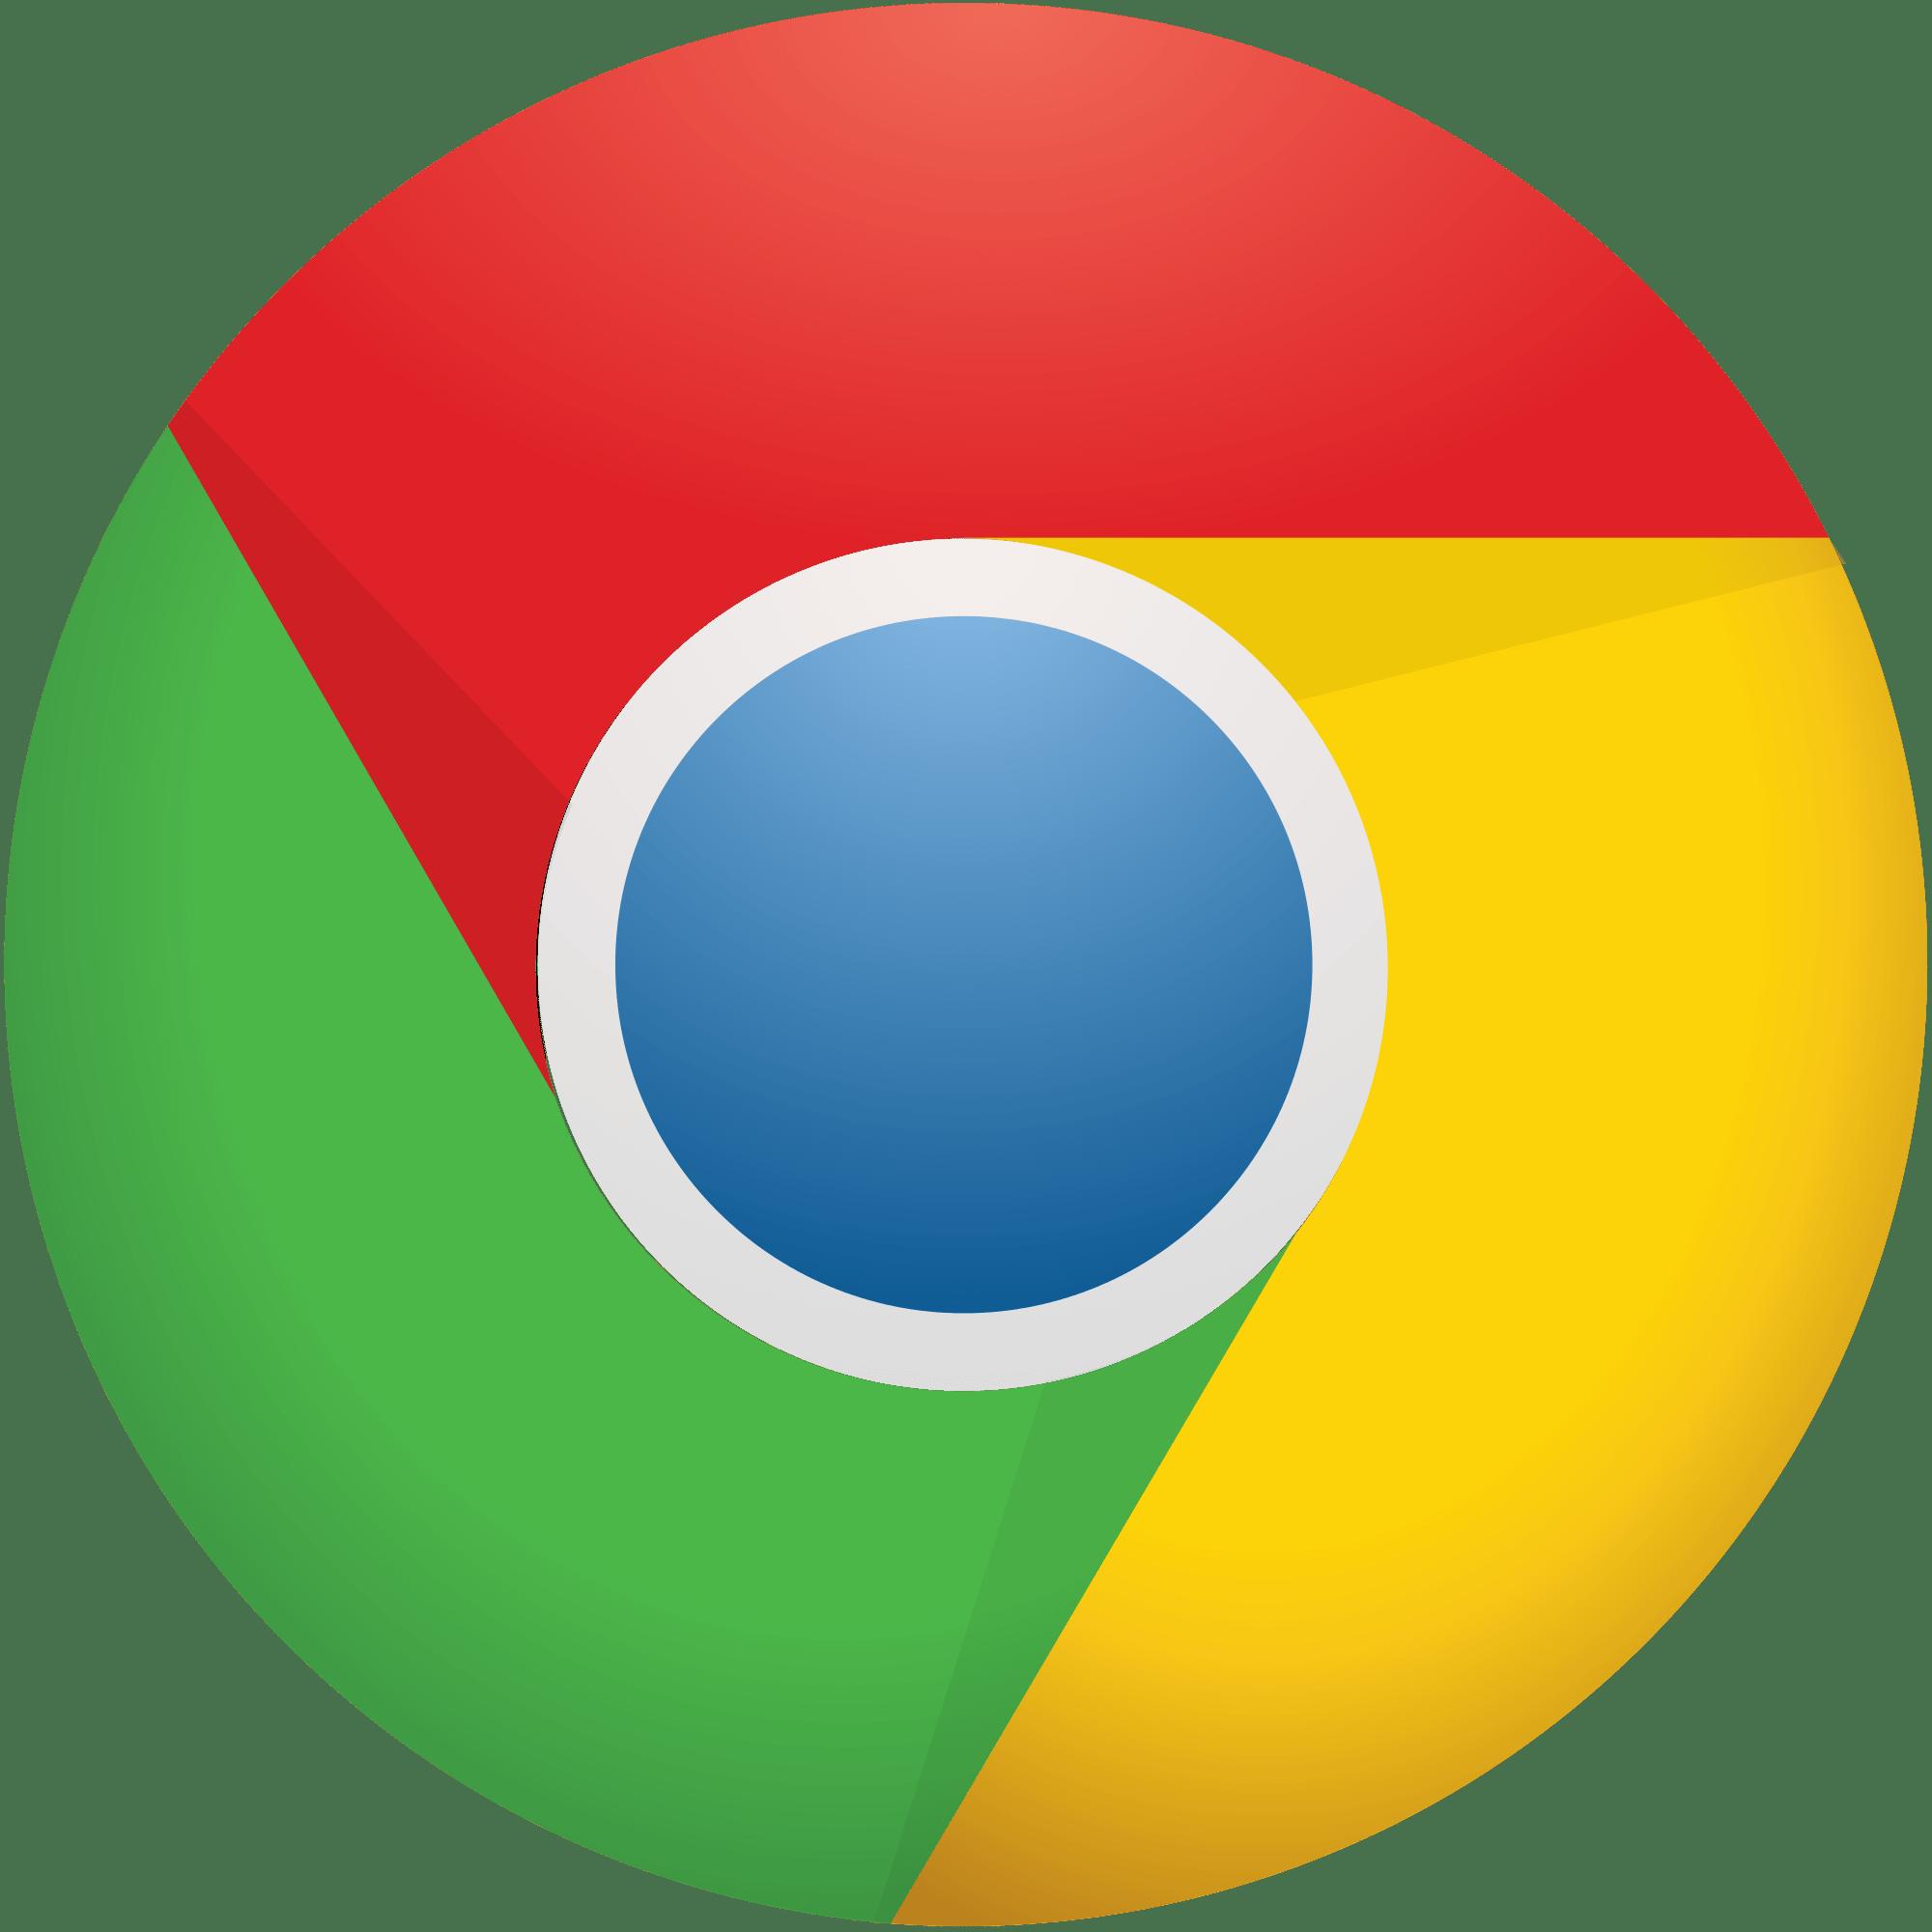 Library of google chrome symbol clipart freeuse downloads ... - Chrome Logo Transparent